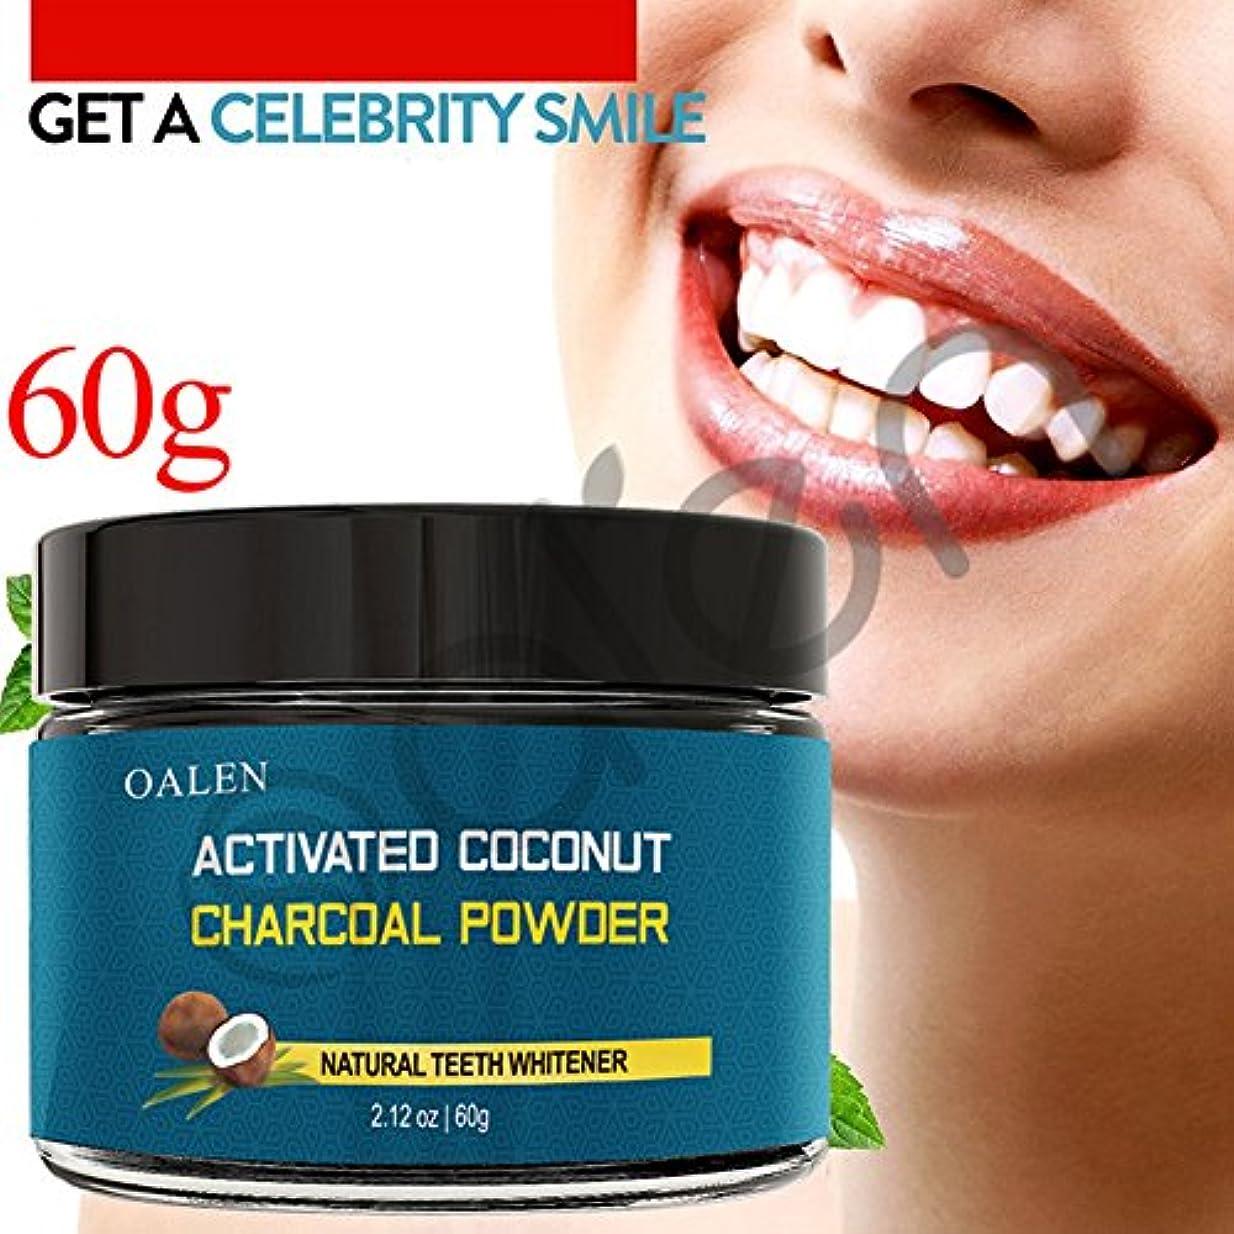 クールステンレスパイルLiebeye 歯 ホワイトニング パウダー グラム 天然活性 ココナッツチャコール 歯ホワイトナー 60g